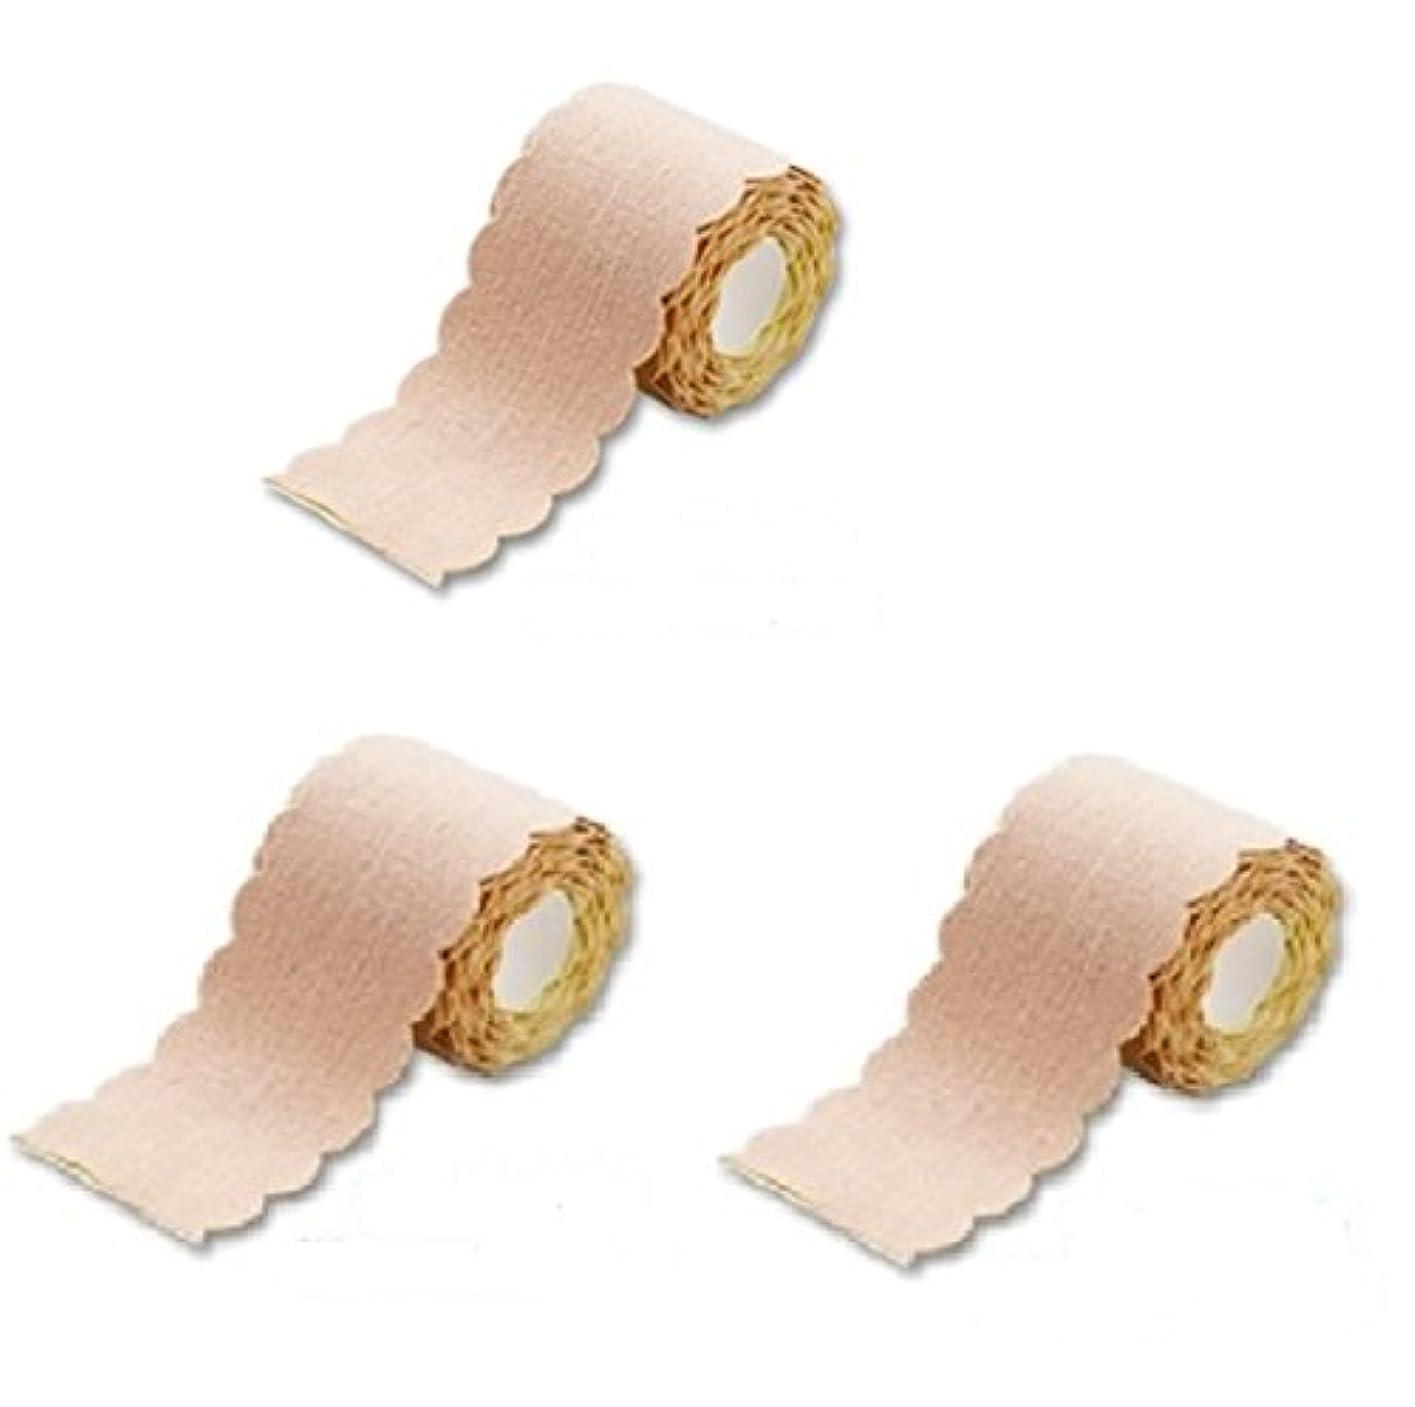 仮装人生を作るできない直接貼るからズレない汗シート! 汗取りパッド ワキに直接貼る汗とりシート ロールタイプ 3m×3個セット (たっぷり9m 特別お得セット)まとめ割 脇汗ジミ わき汗 対策